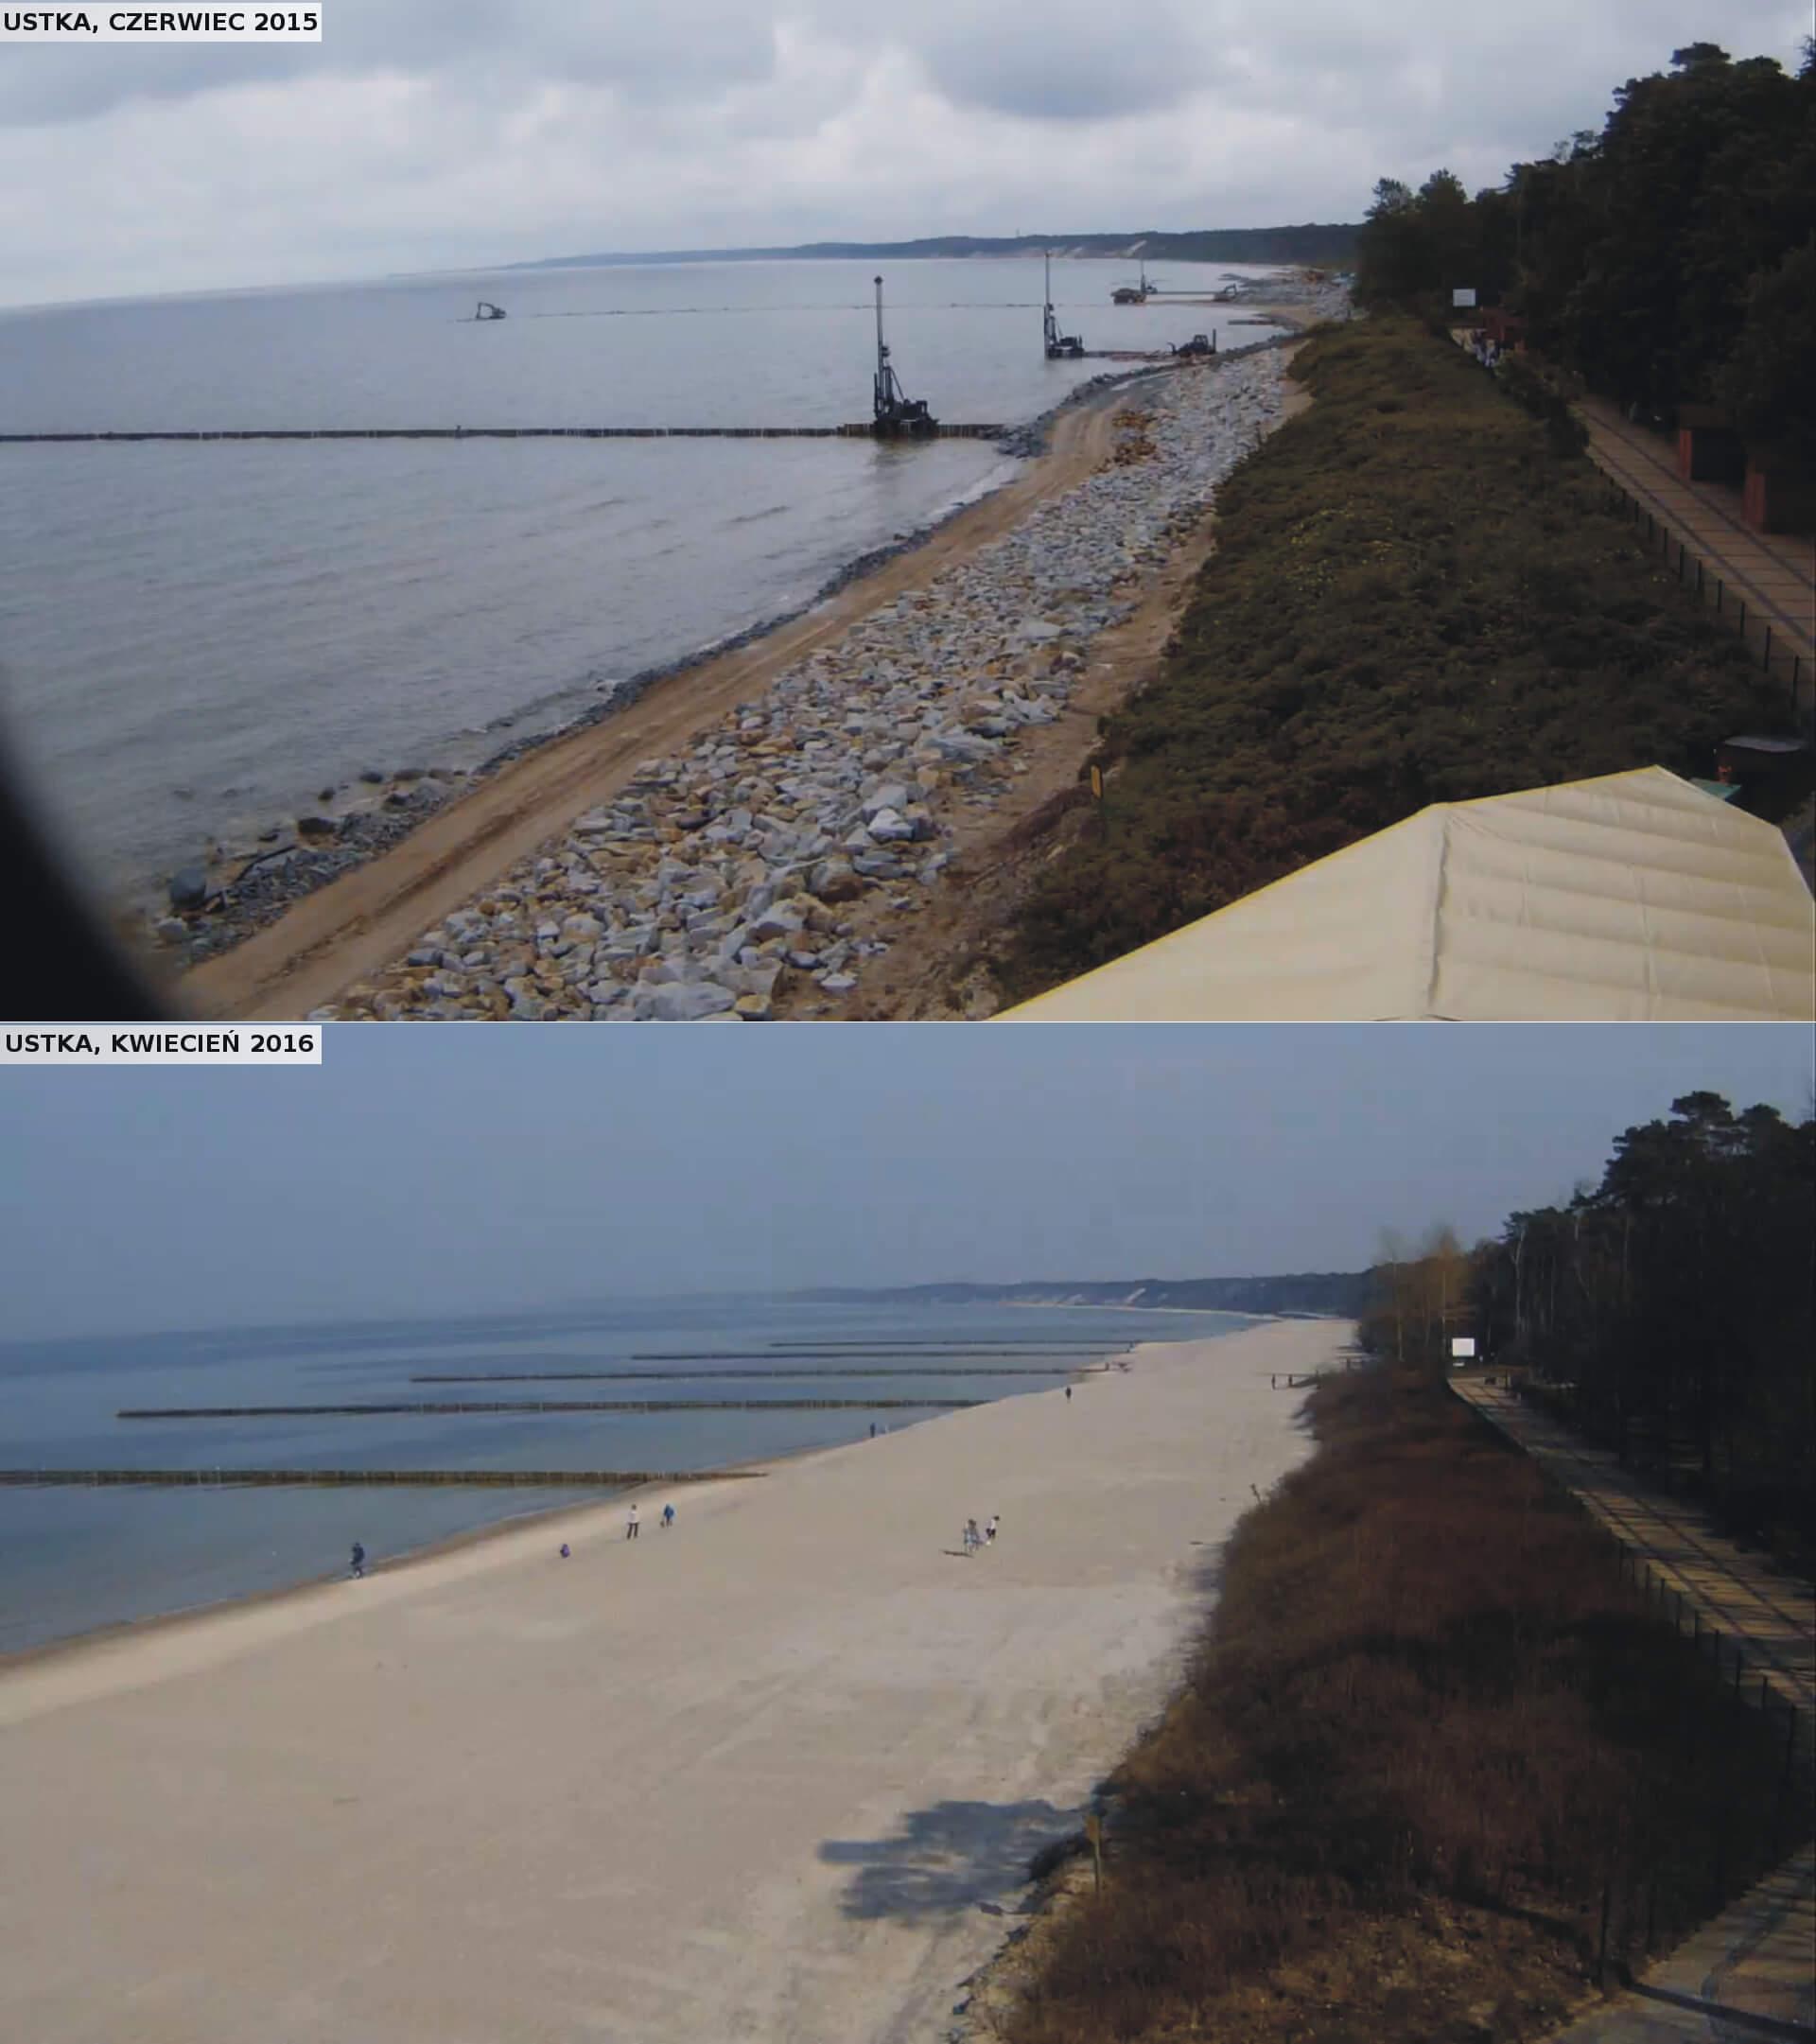 Ujęcie na wschodnią część plaży wUstce po rozbudowie plaży.